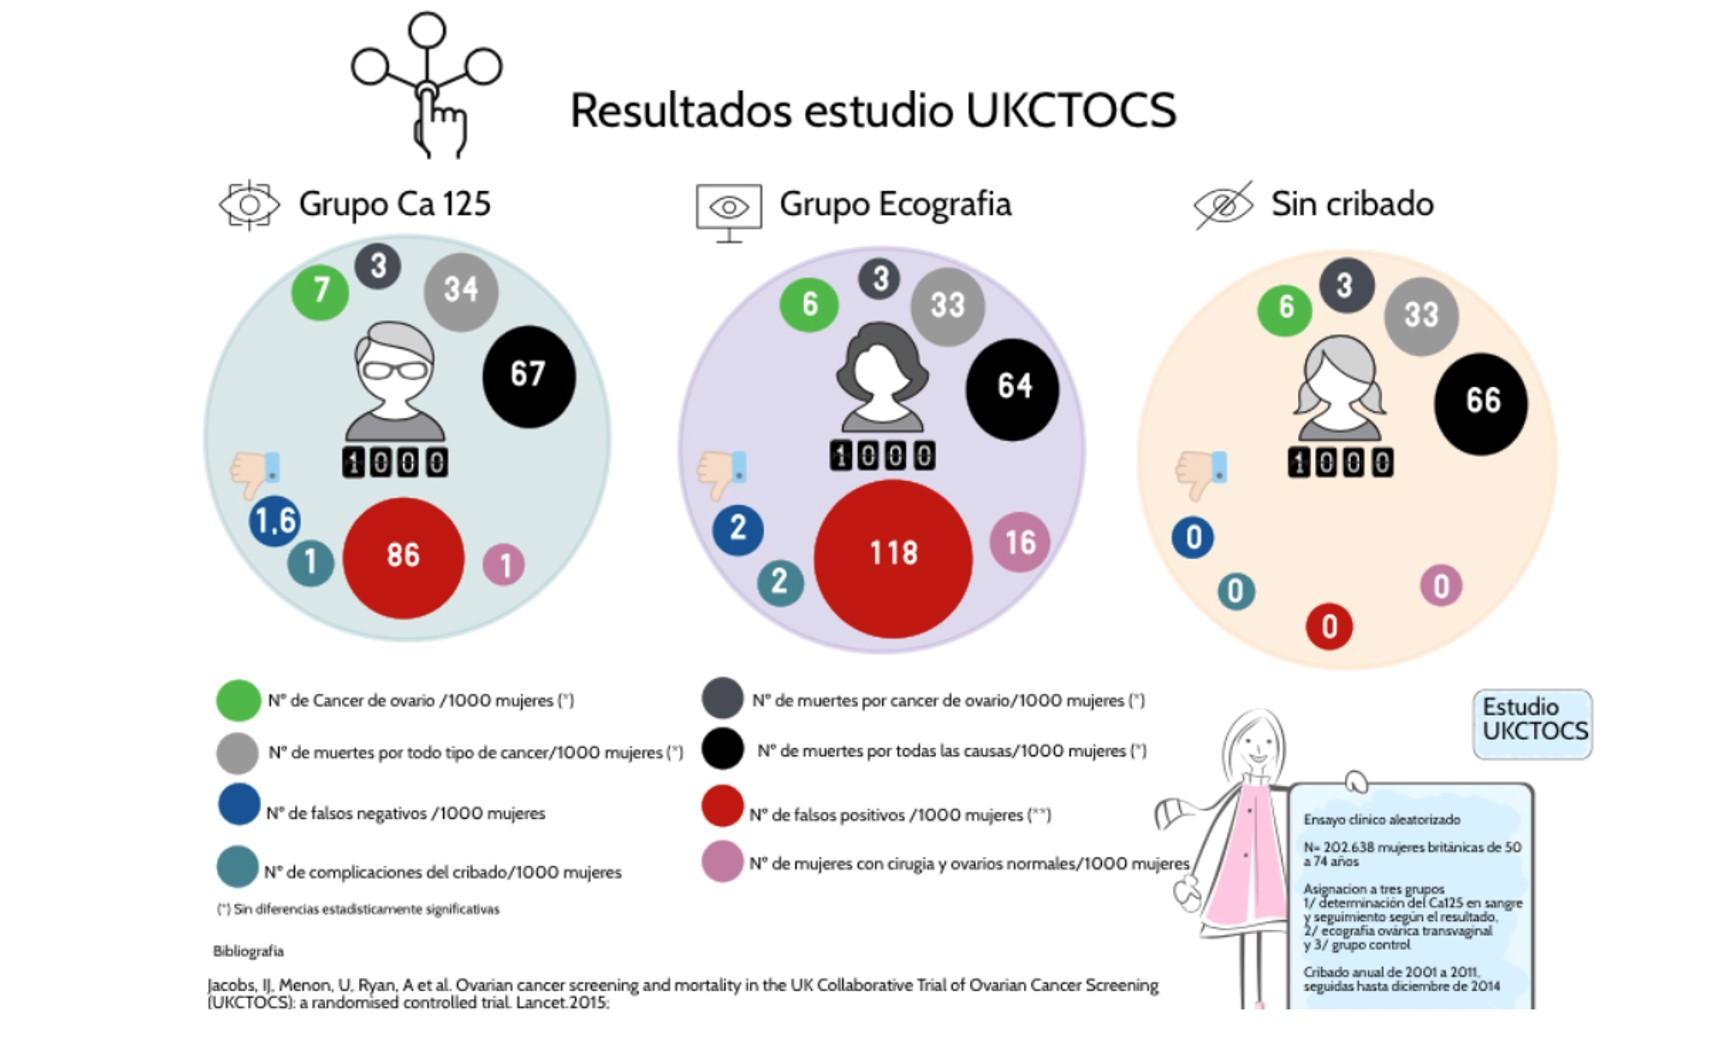 resultados del estudio UKCTOKS